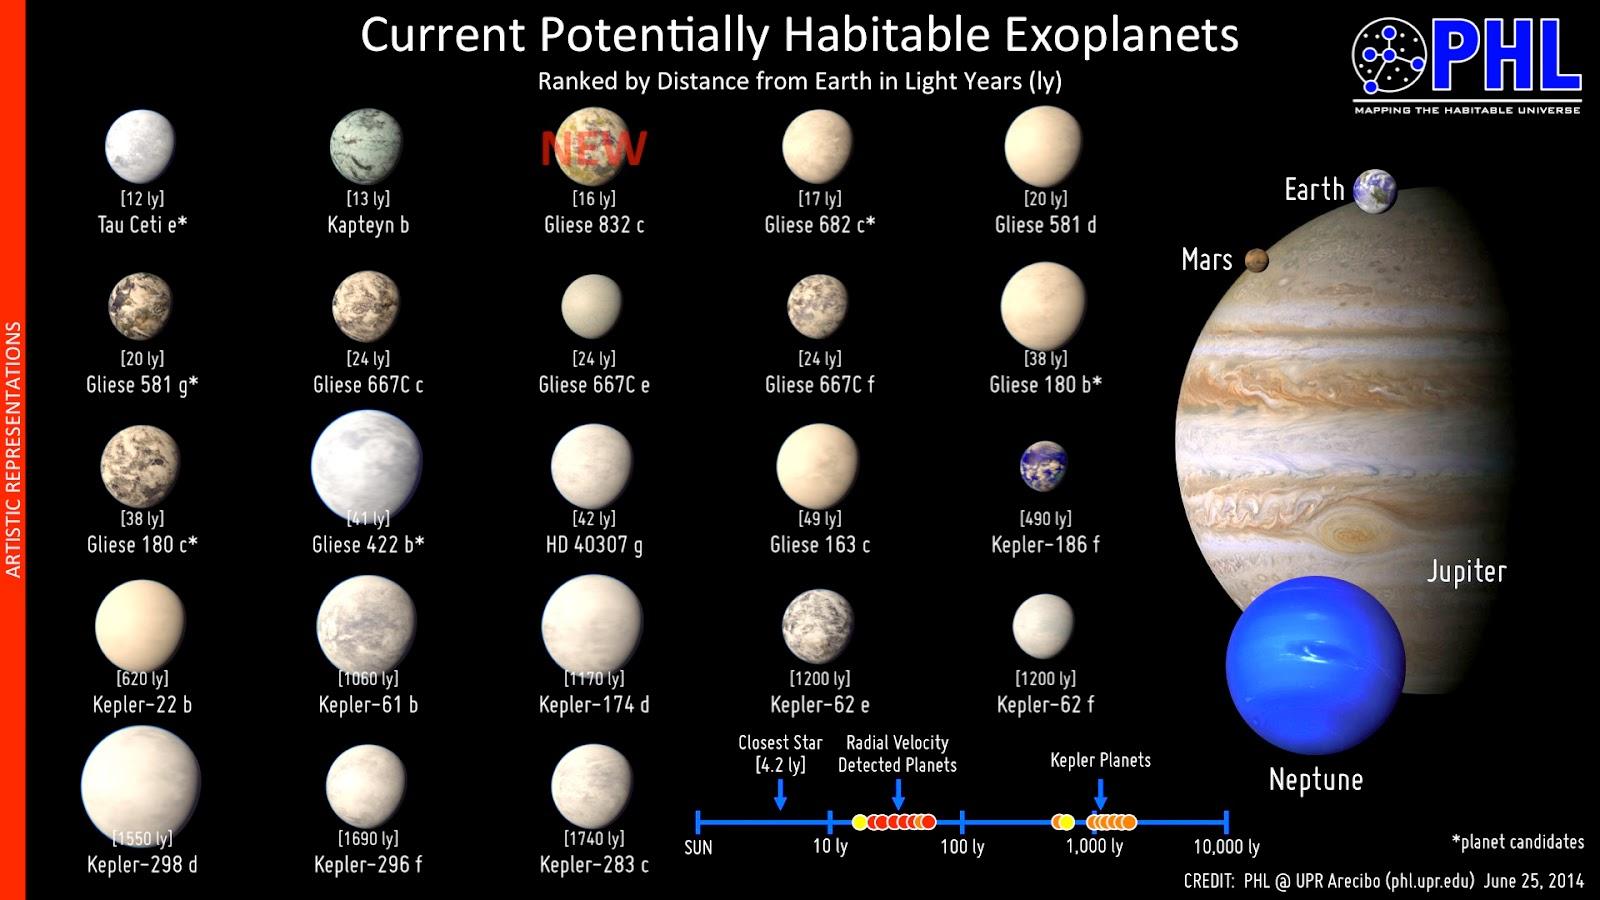 کاتالوگ سیارات قابل سکونت: در این تصویر 23 سیاره کشف شده را که همانند زمین در فاصله مناسبی از ستارگان خود قرار دارند را مشاهده می کنید.